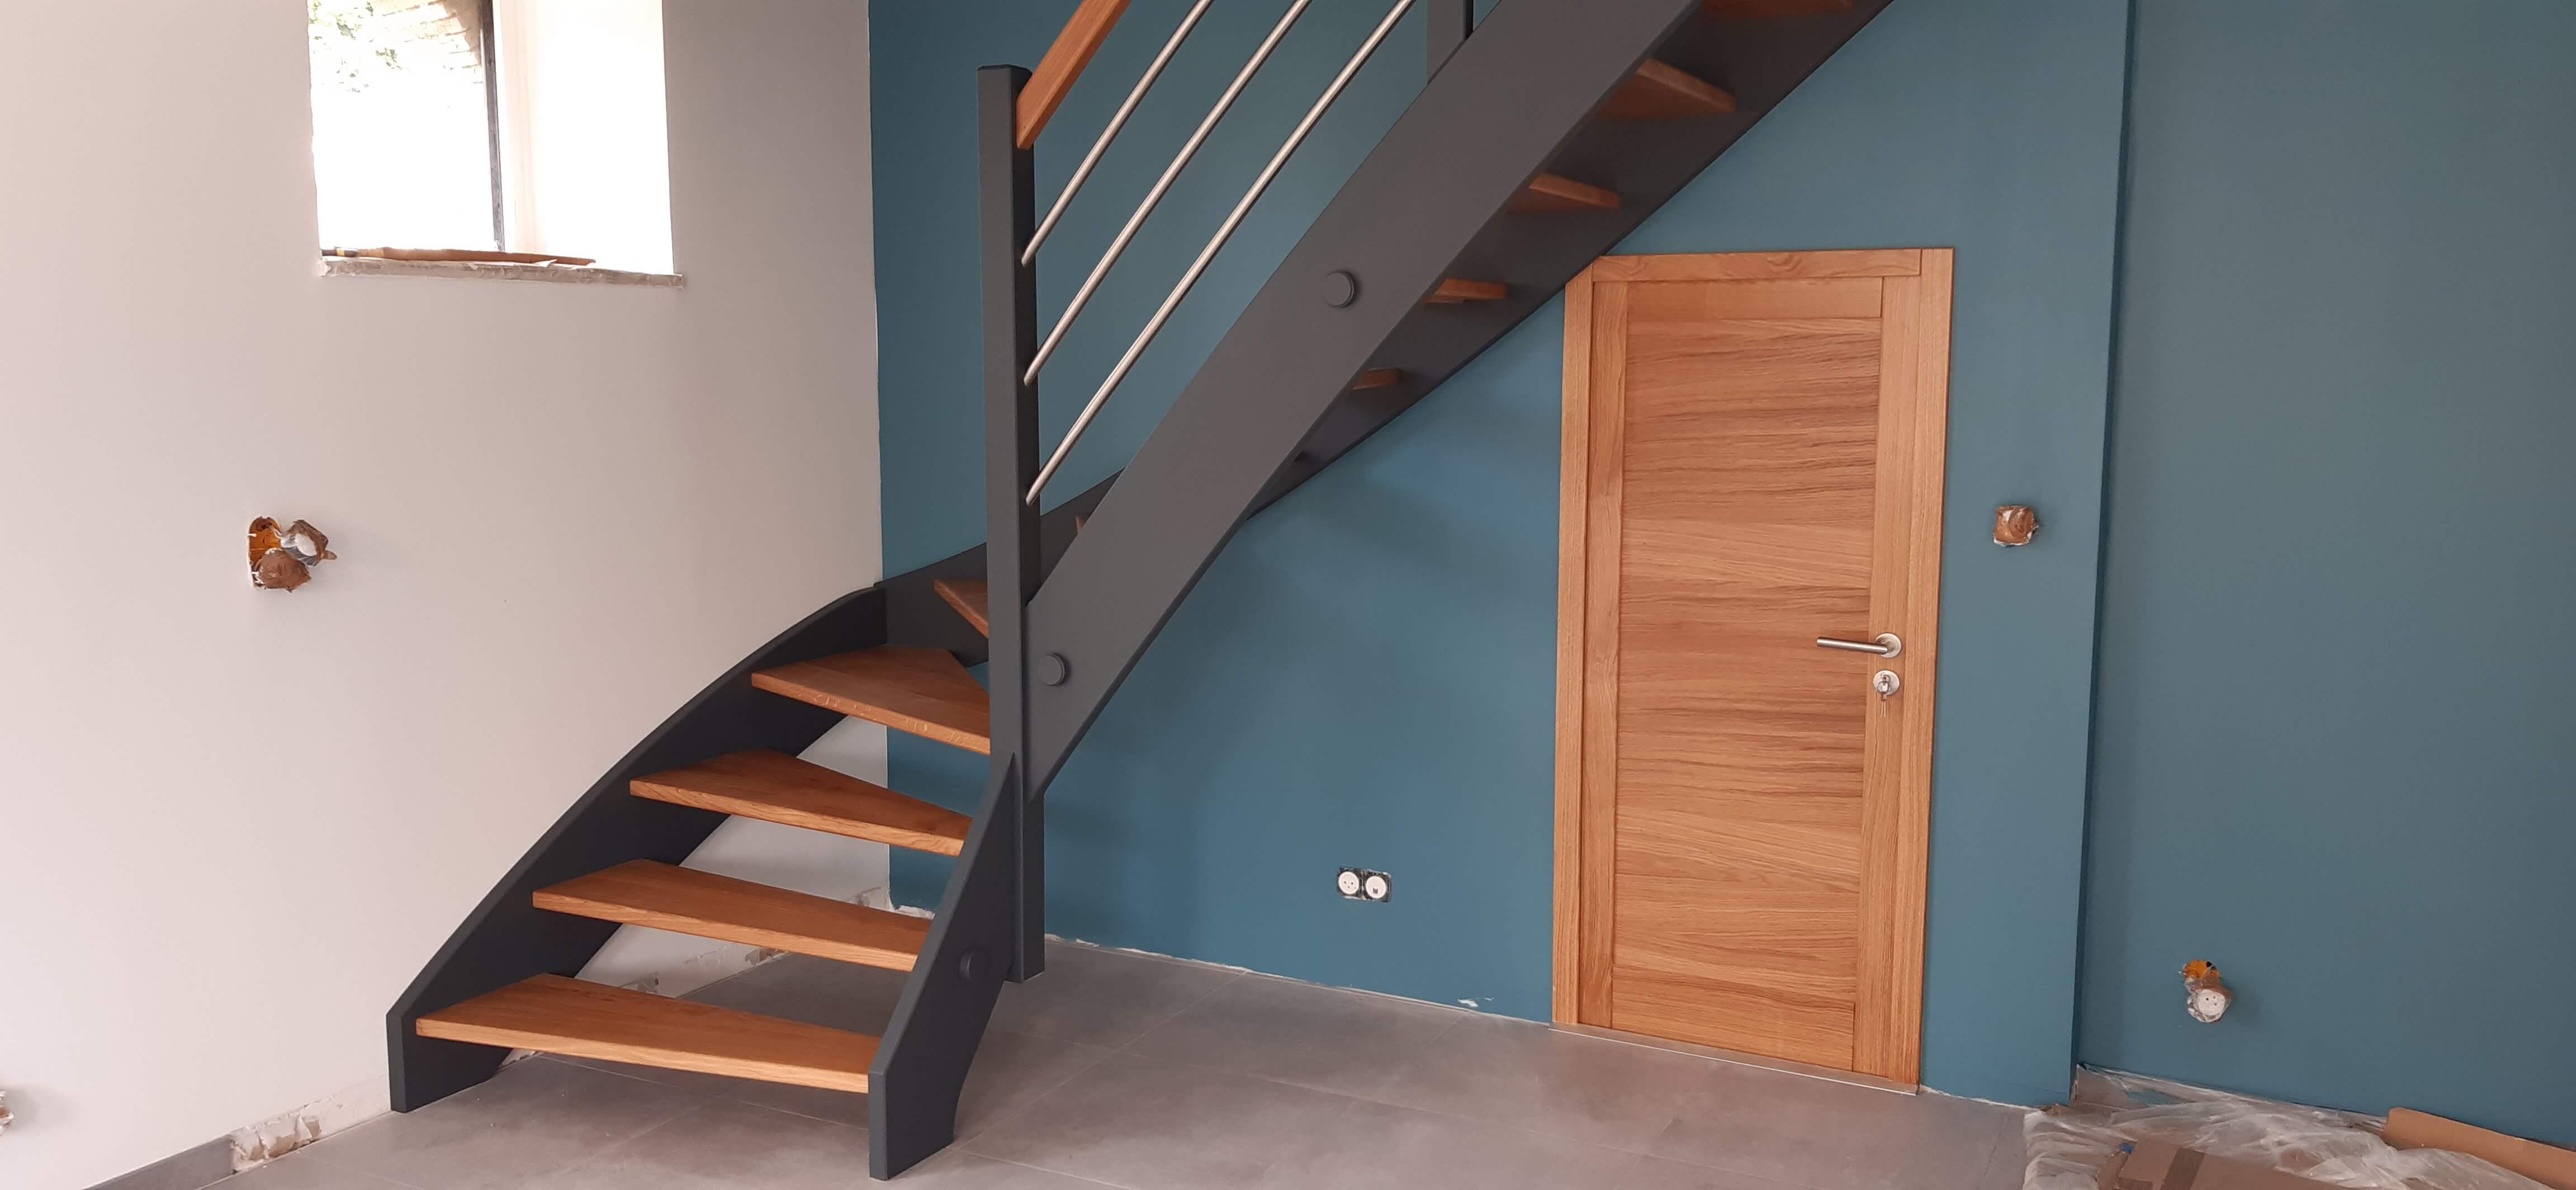 Menuiserie Figard - Fabrication sur mesure - Escalier 1/4 tournant - Marche en chêne limon peint - V